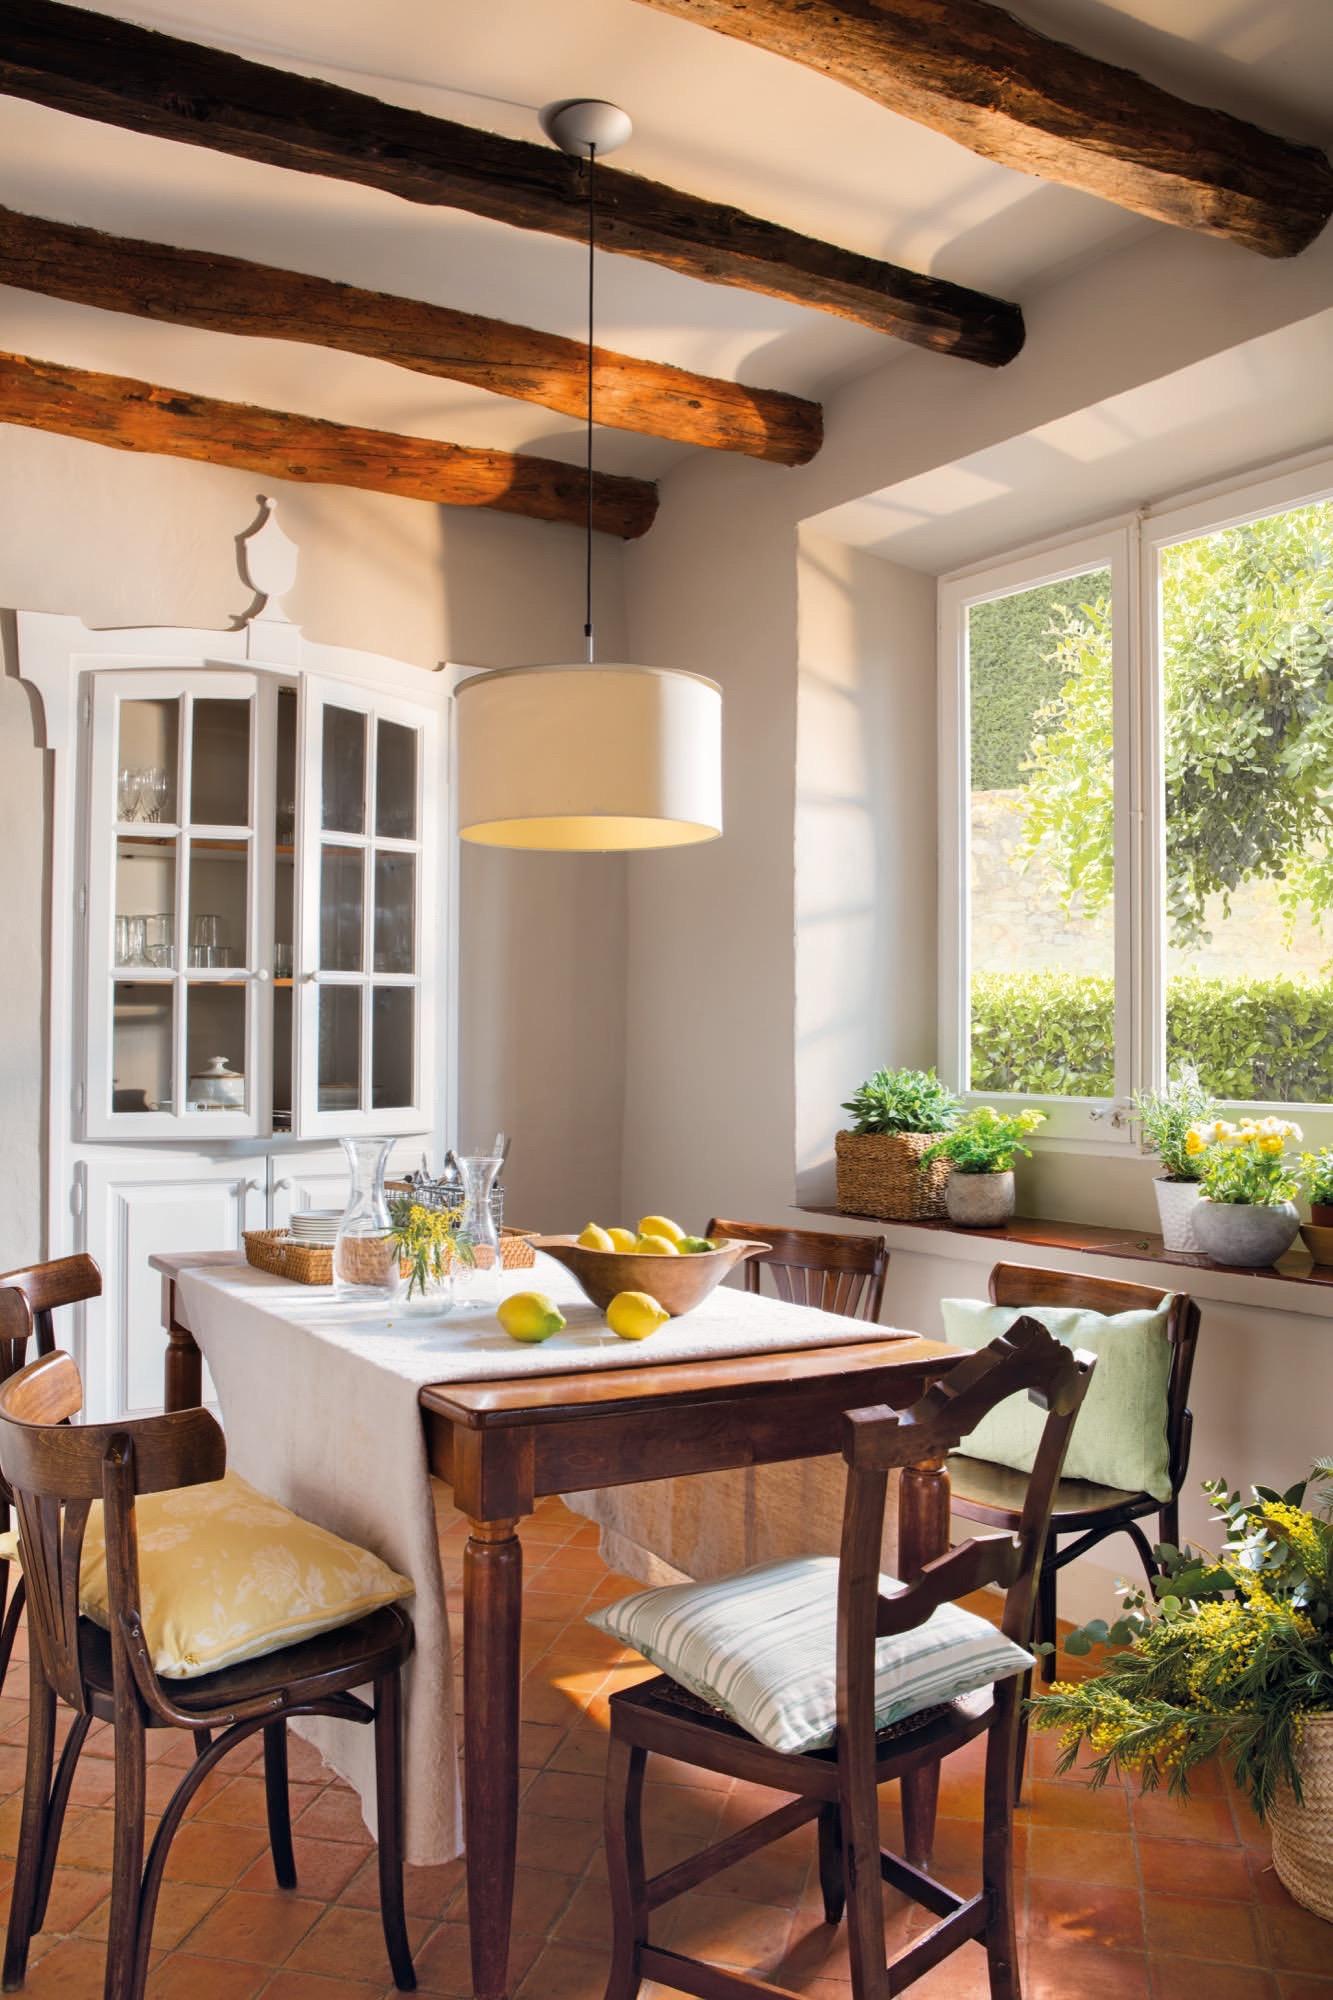 La casa con chalk paint de neus de crea decora recicla - Alacenas de cocina ...